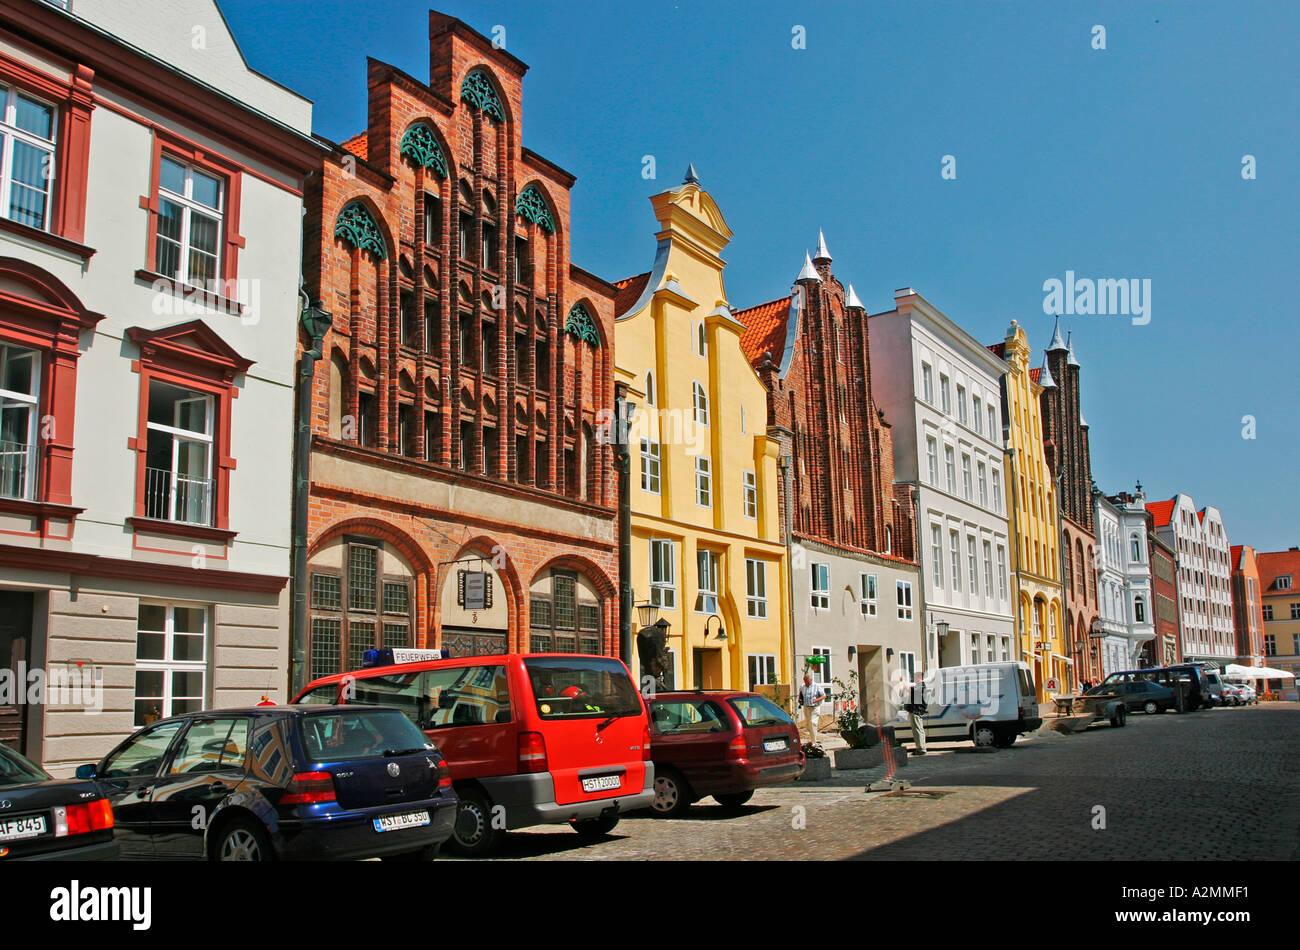 brd germany mecklenburg vorpommern city stralsund historical houses stock photo royalty free. Black Bedroom Furniture Sets. Home Design Ideas